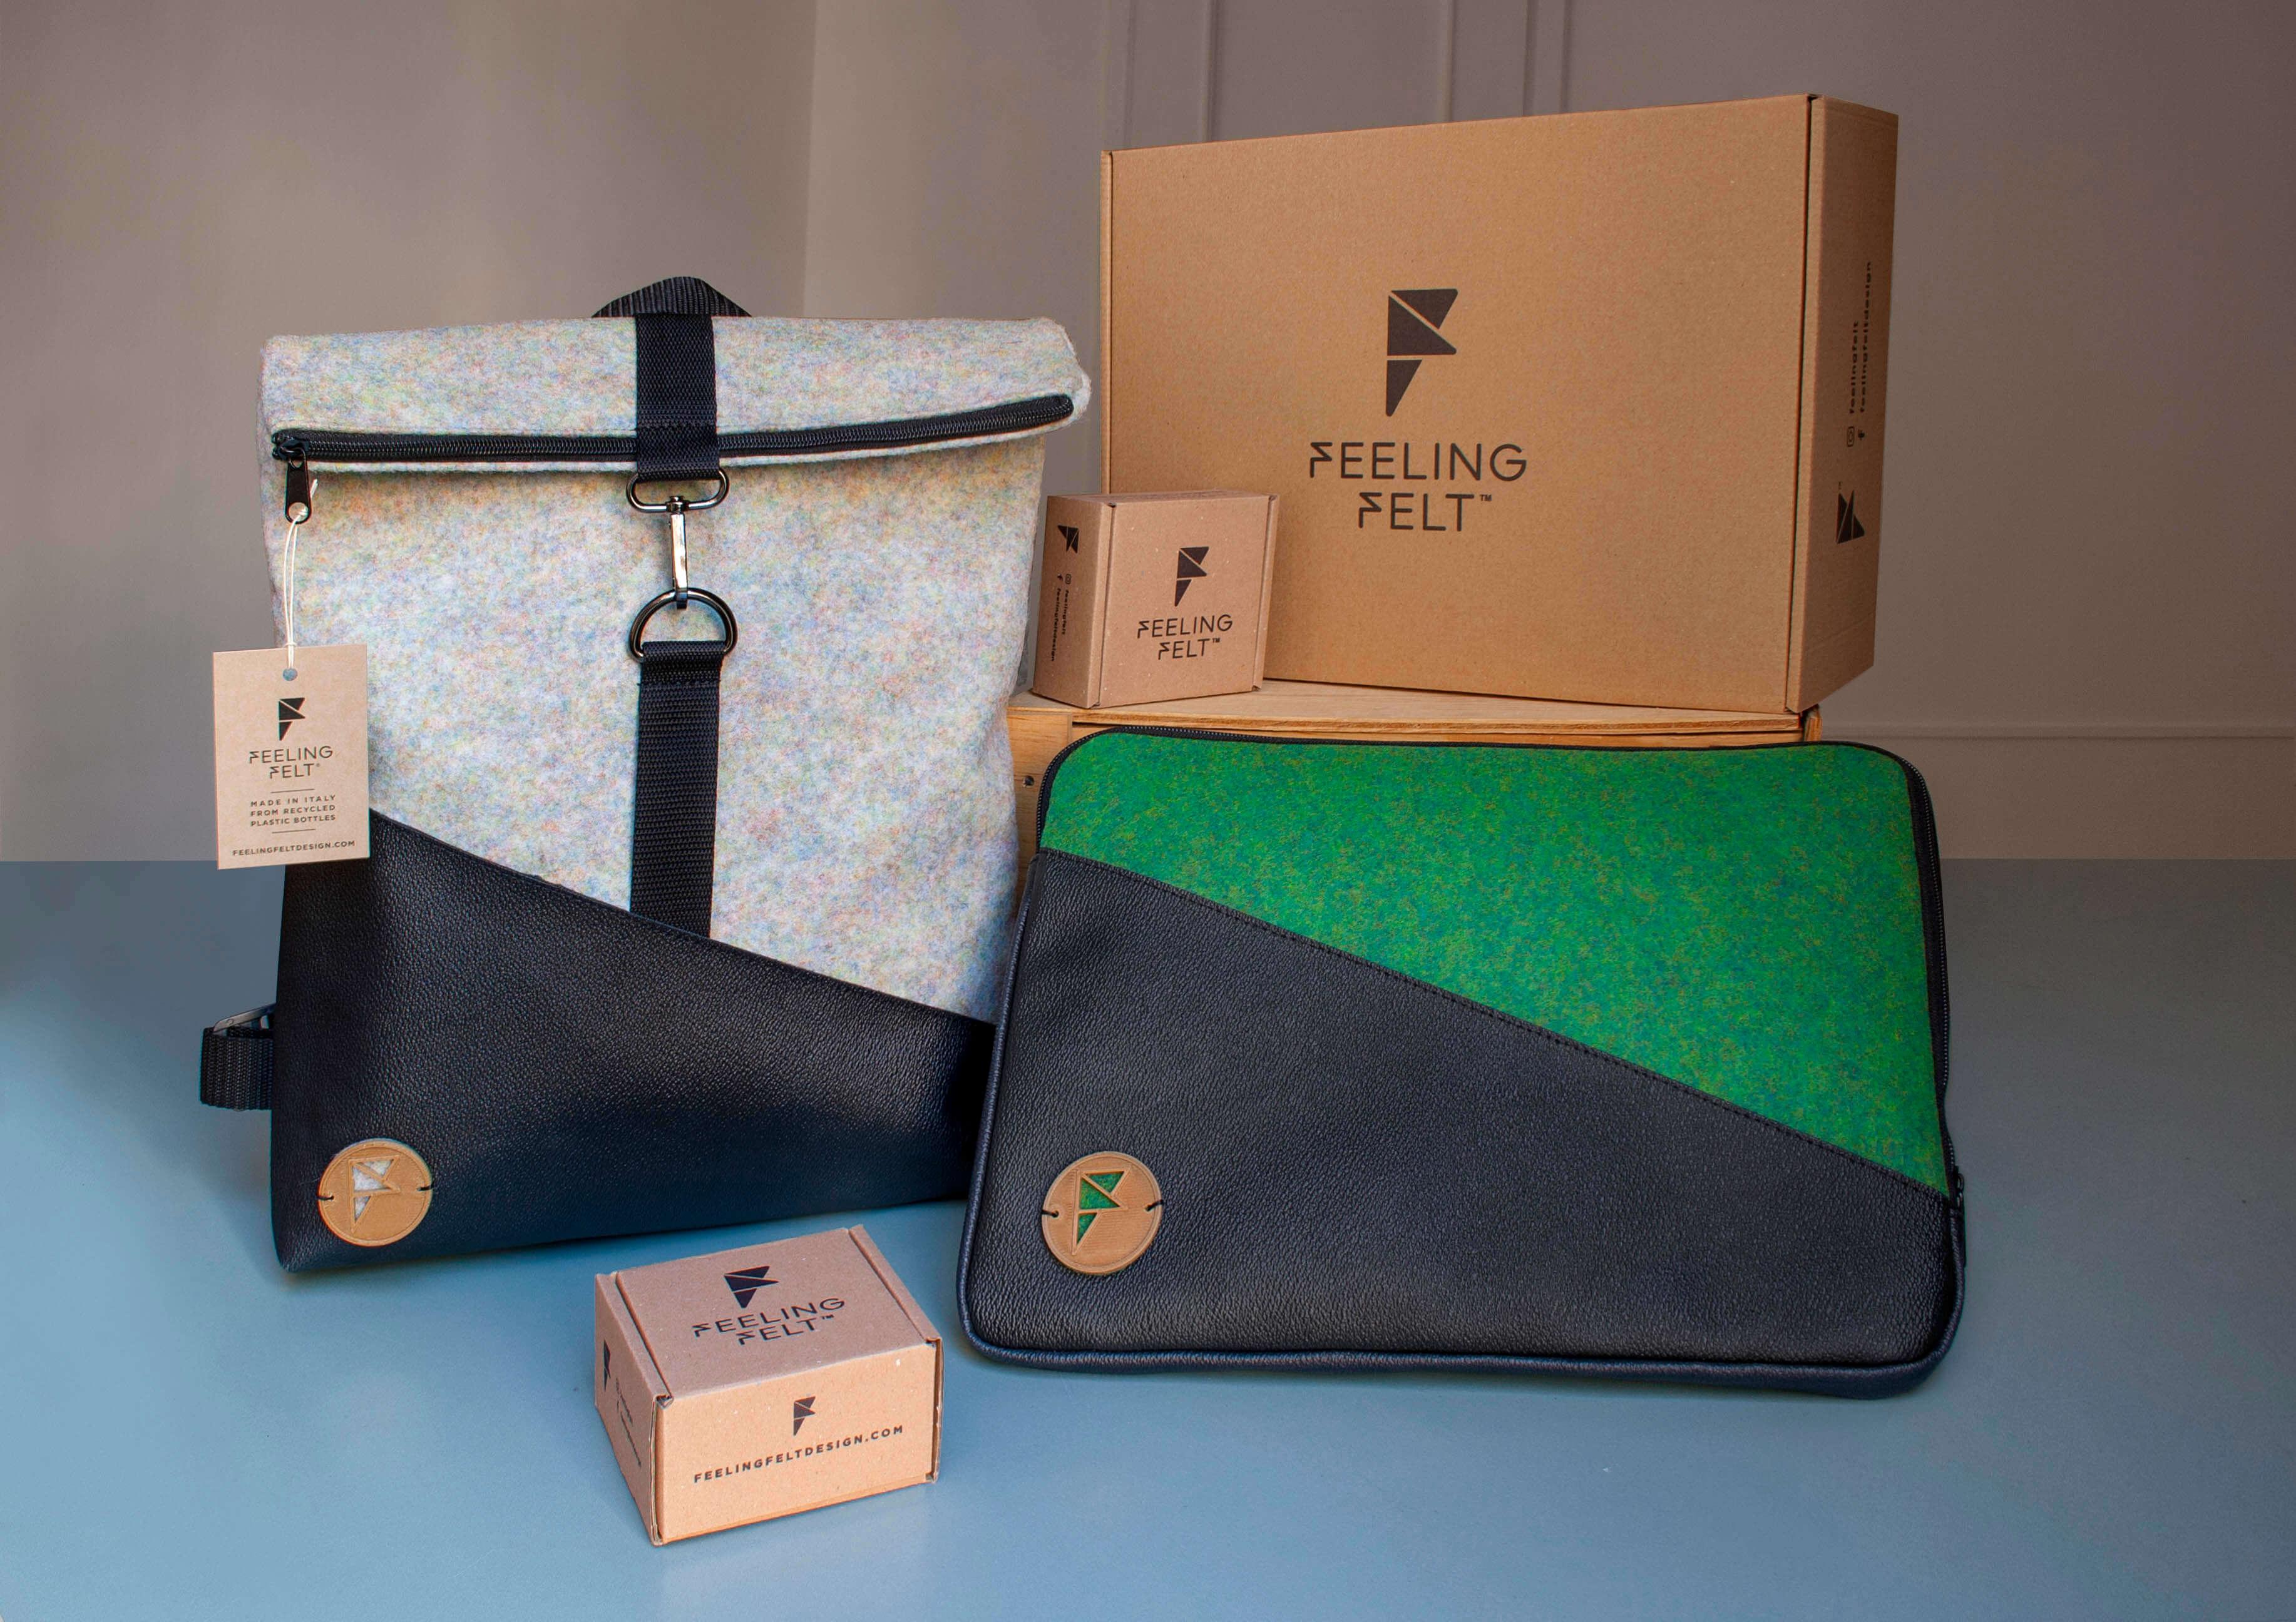 Dos mochilas y una caja de cartón de Feeling Felt